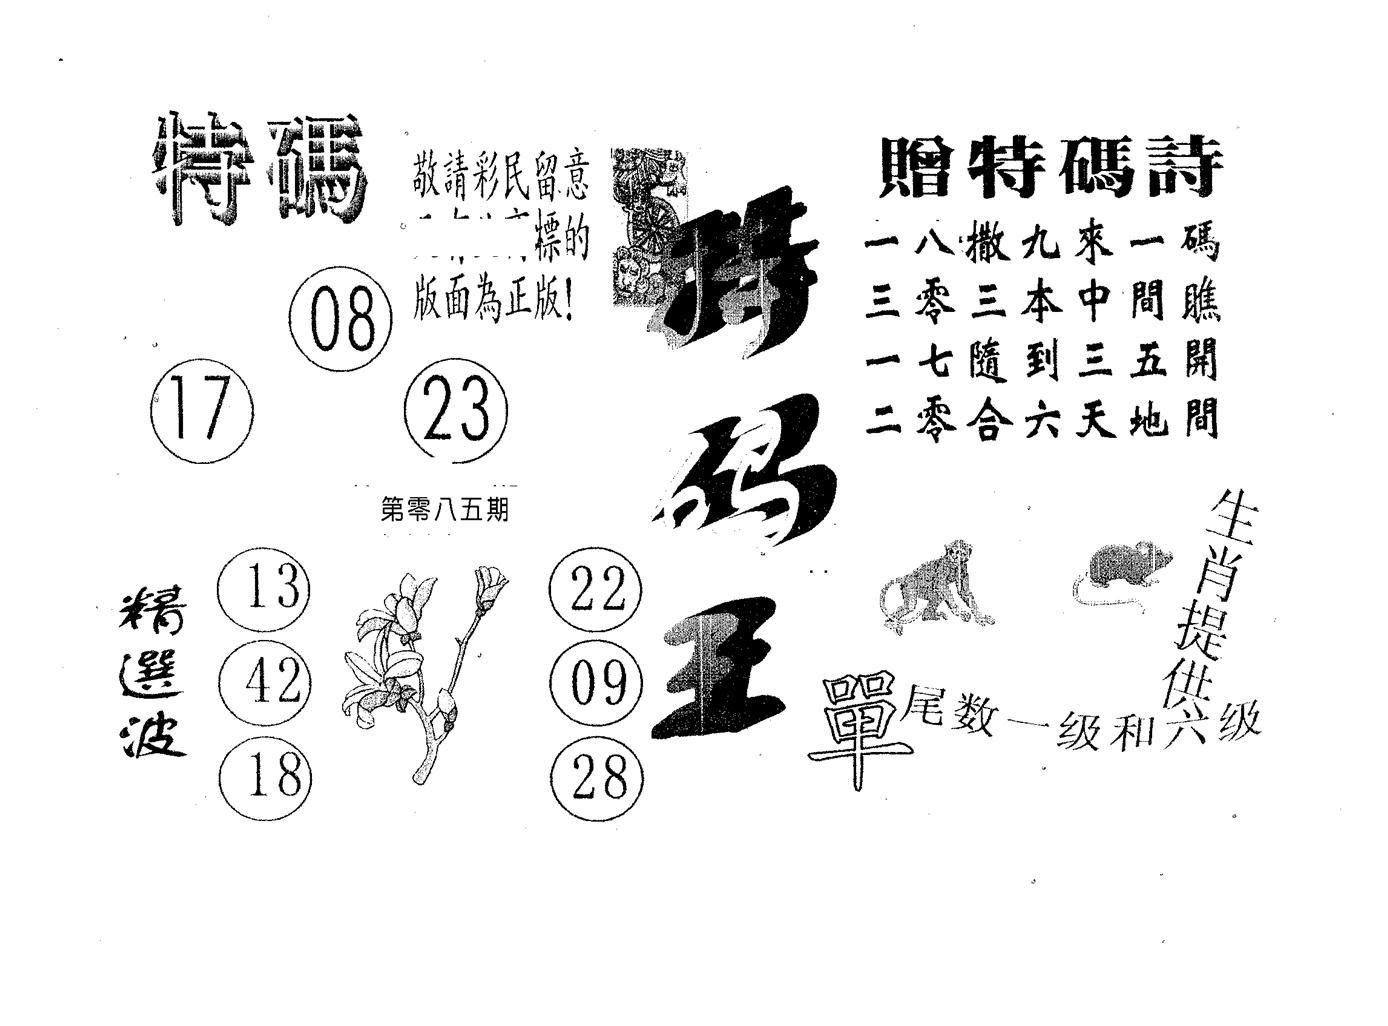 085期特码王A(黑白)